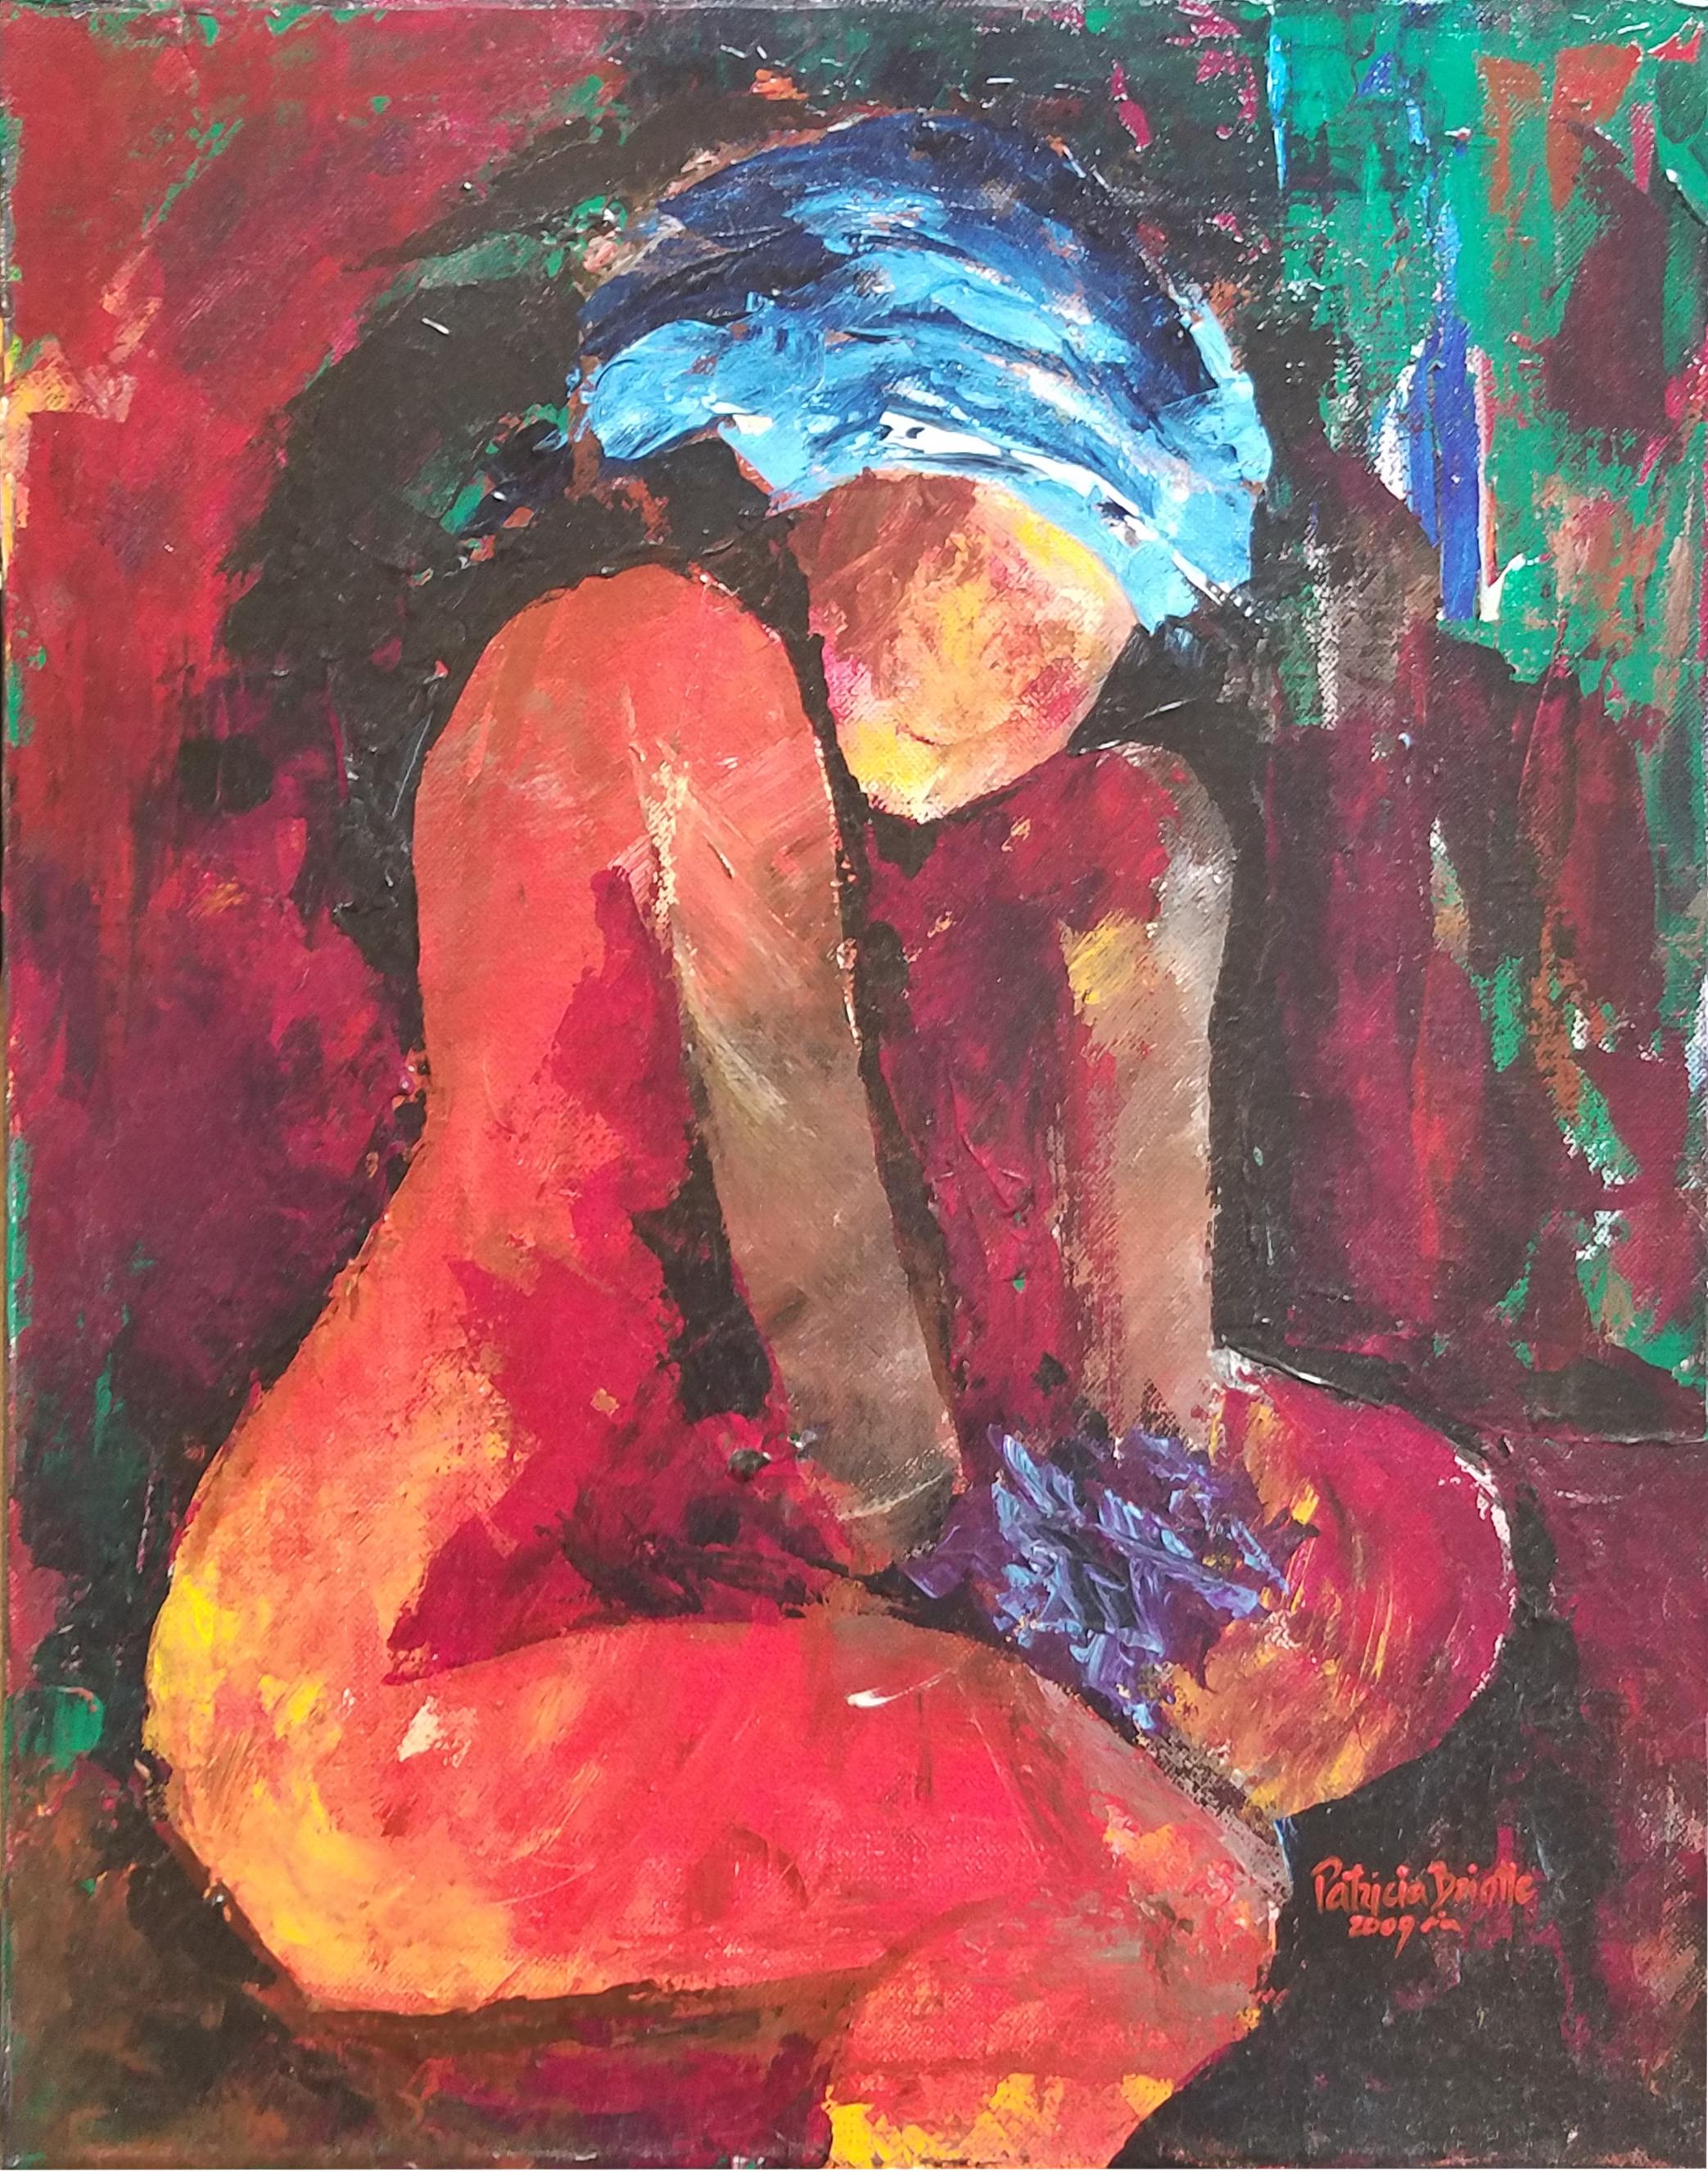 GalleryAWA-Patricia Brintle-Timid Offering.jpg